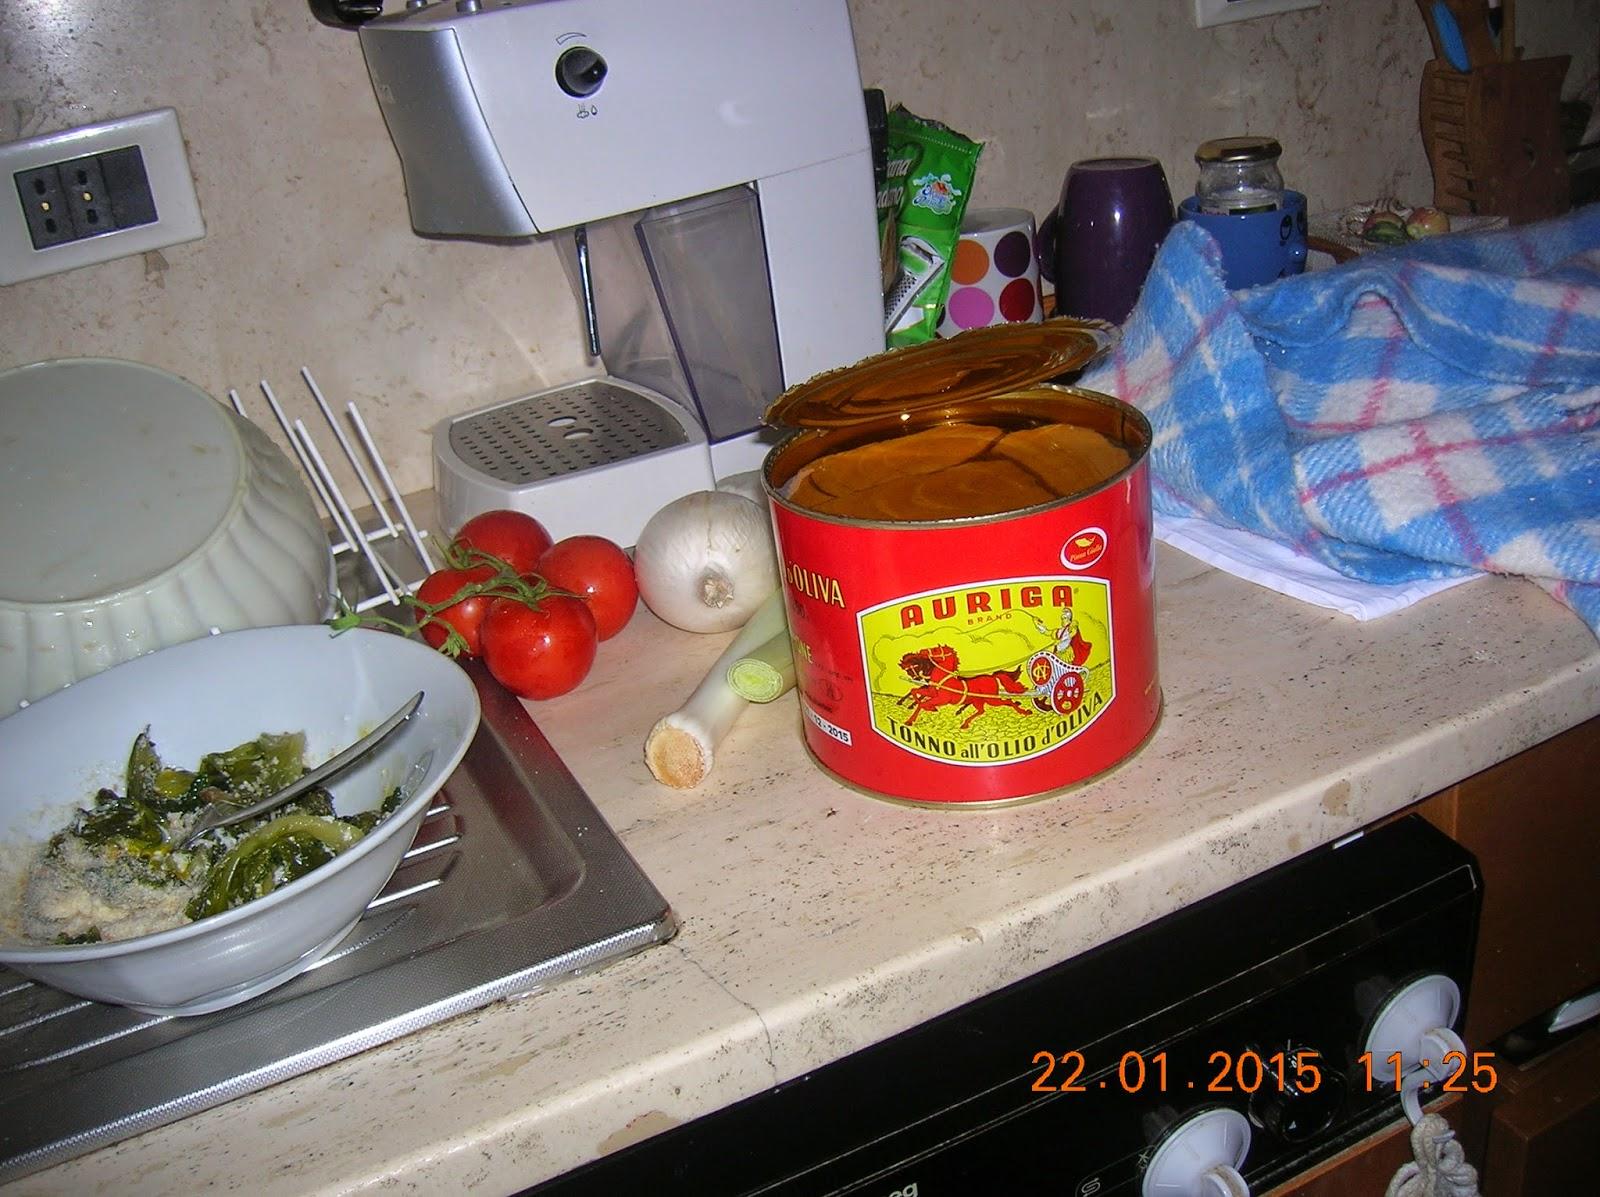 focaccia al tonno e cipolle e mustazzeddu  con pomodoro fatti  con lievito di birra secco